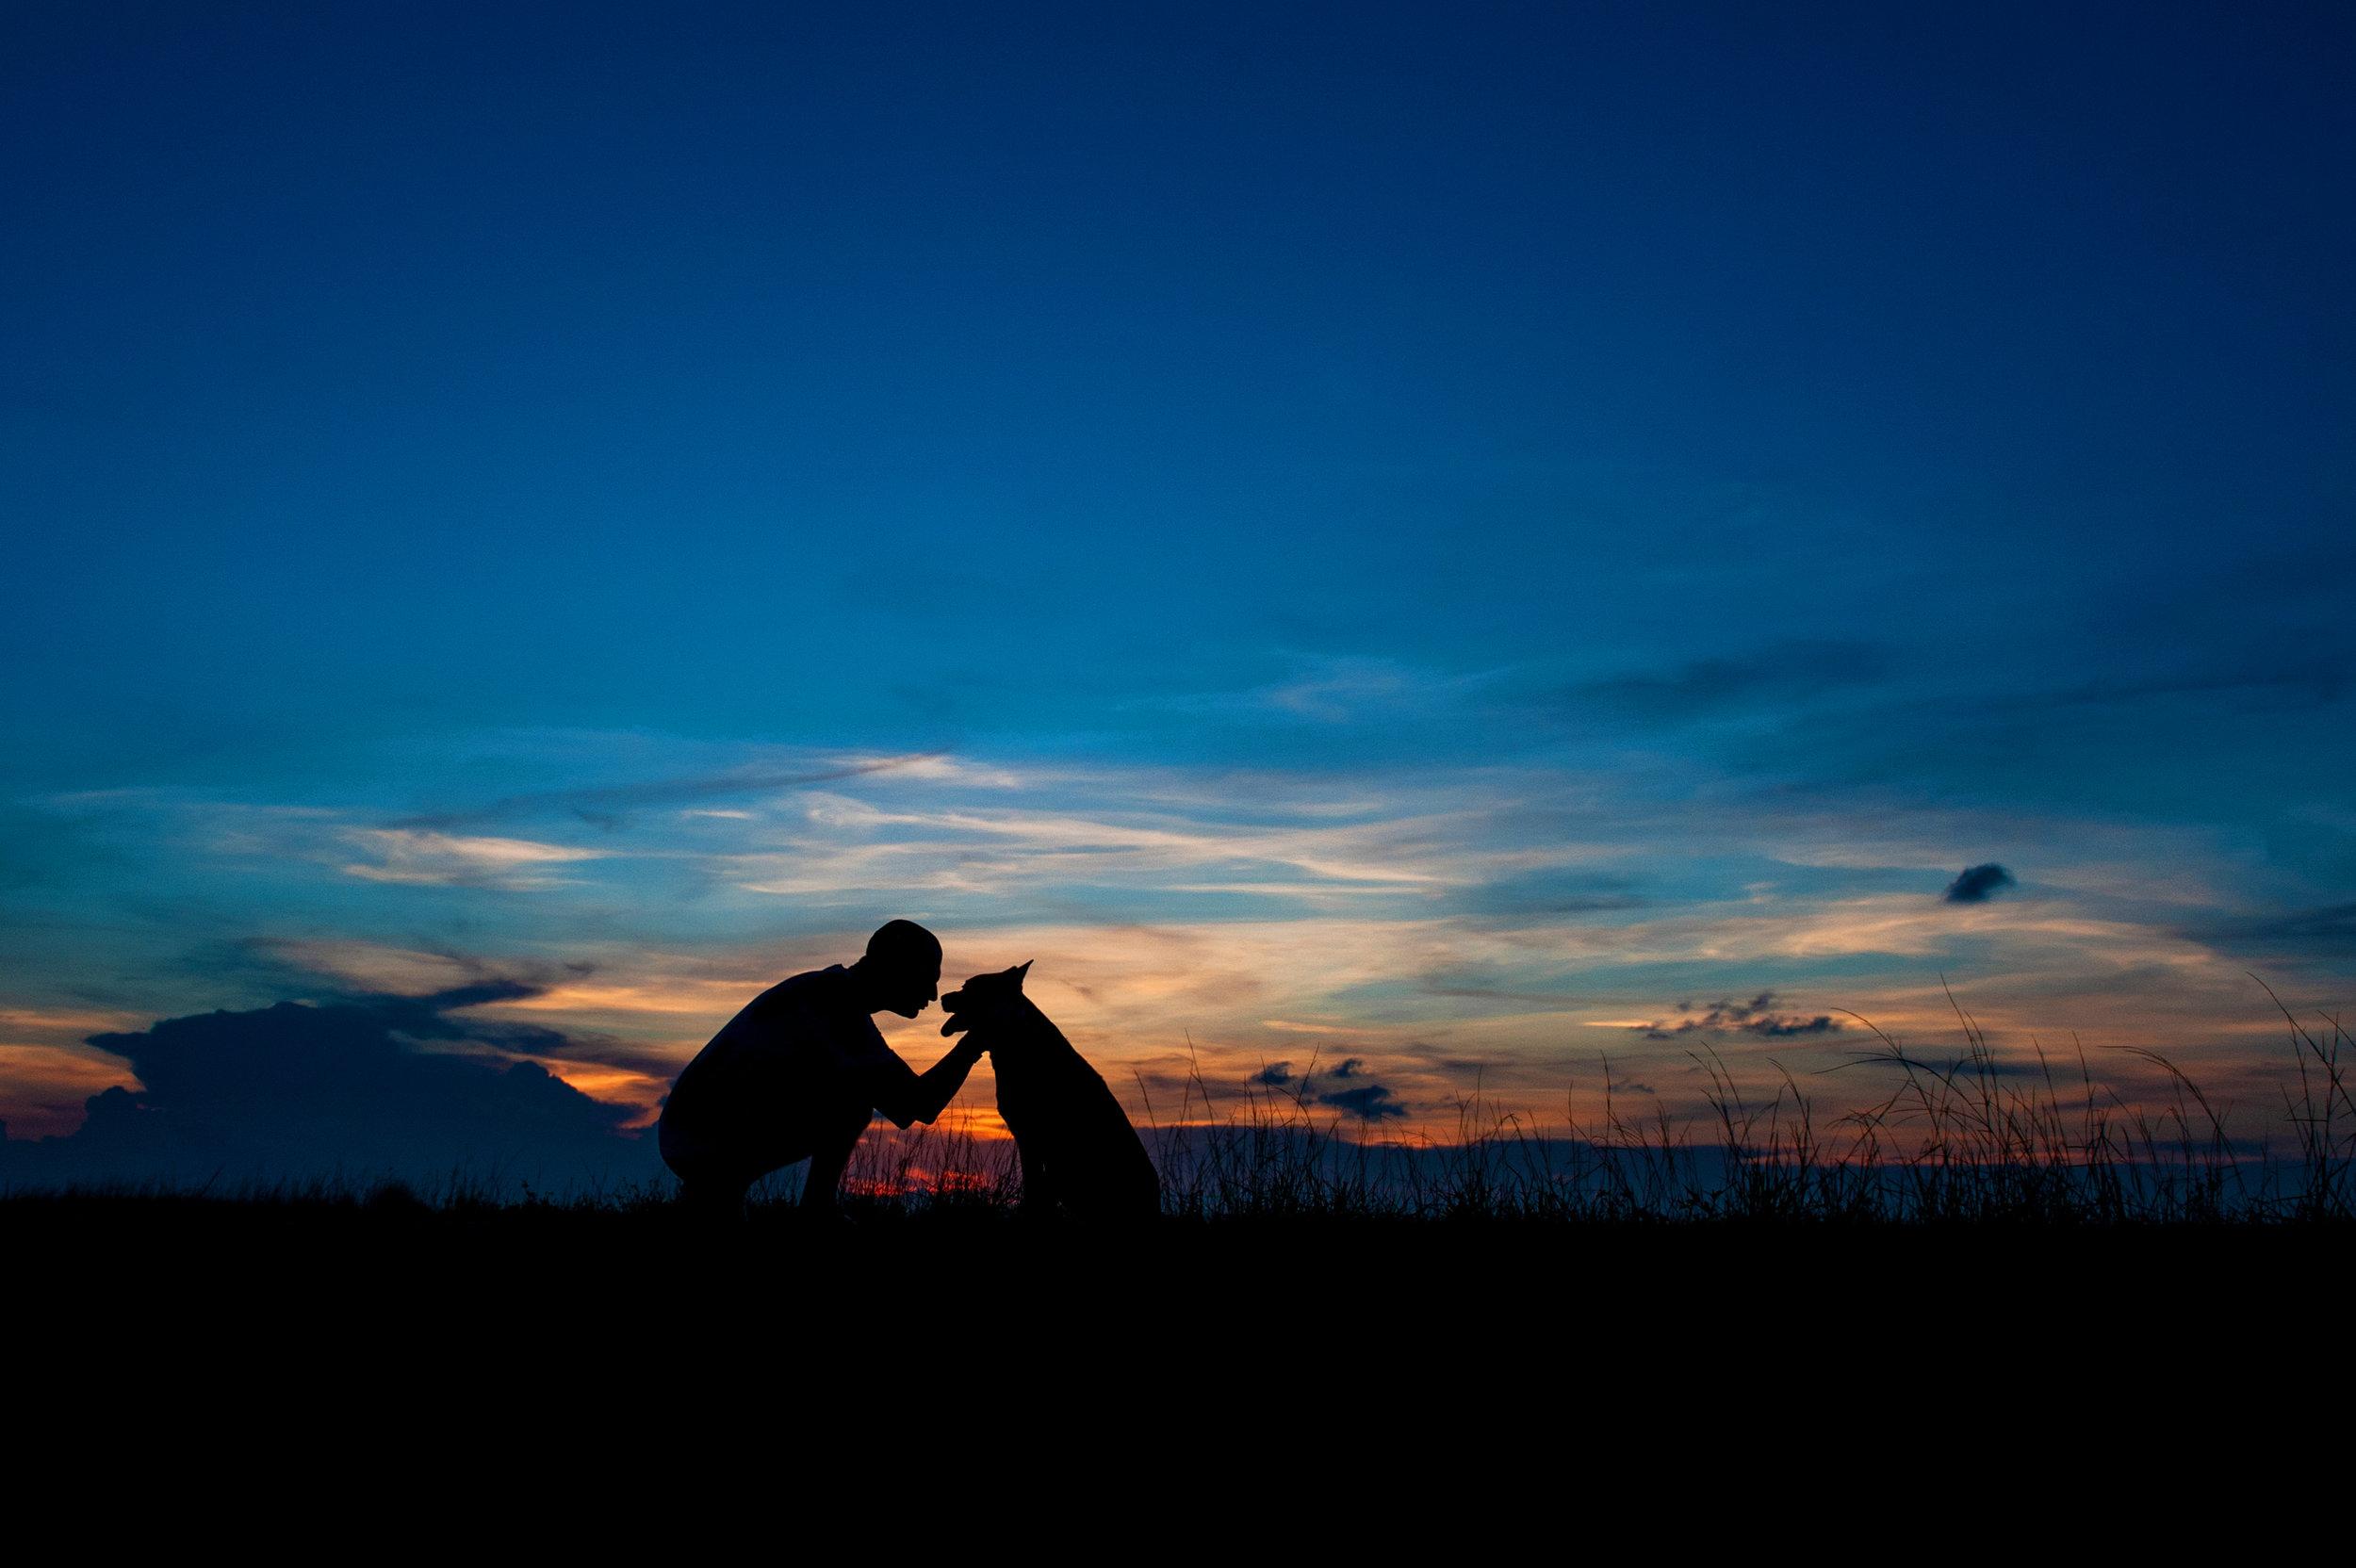 Paola-Paladini-Sunset-Silhouettes-Dog-Closeup